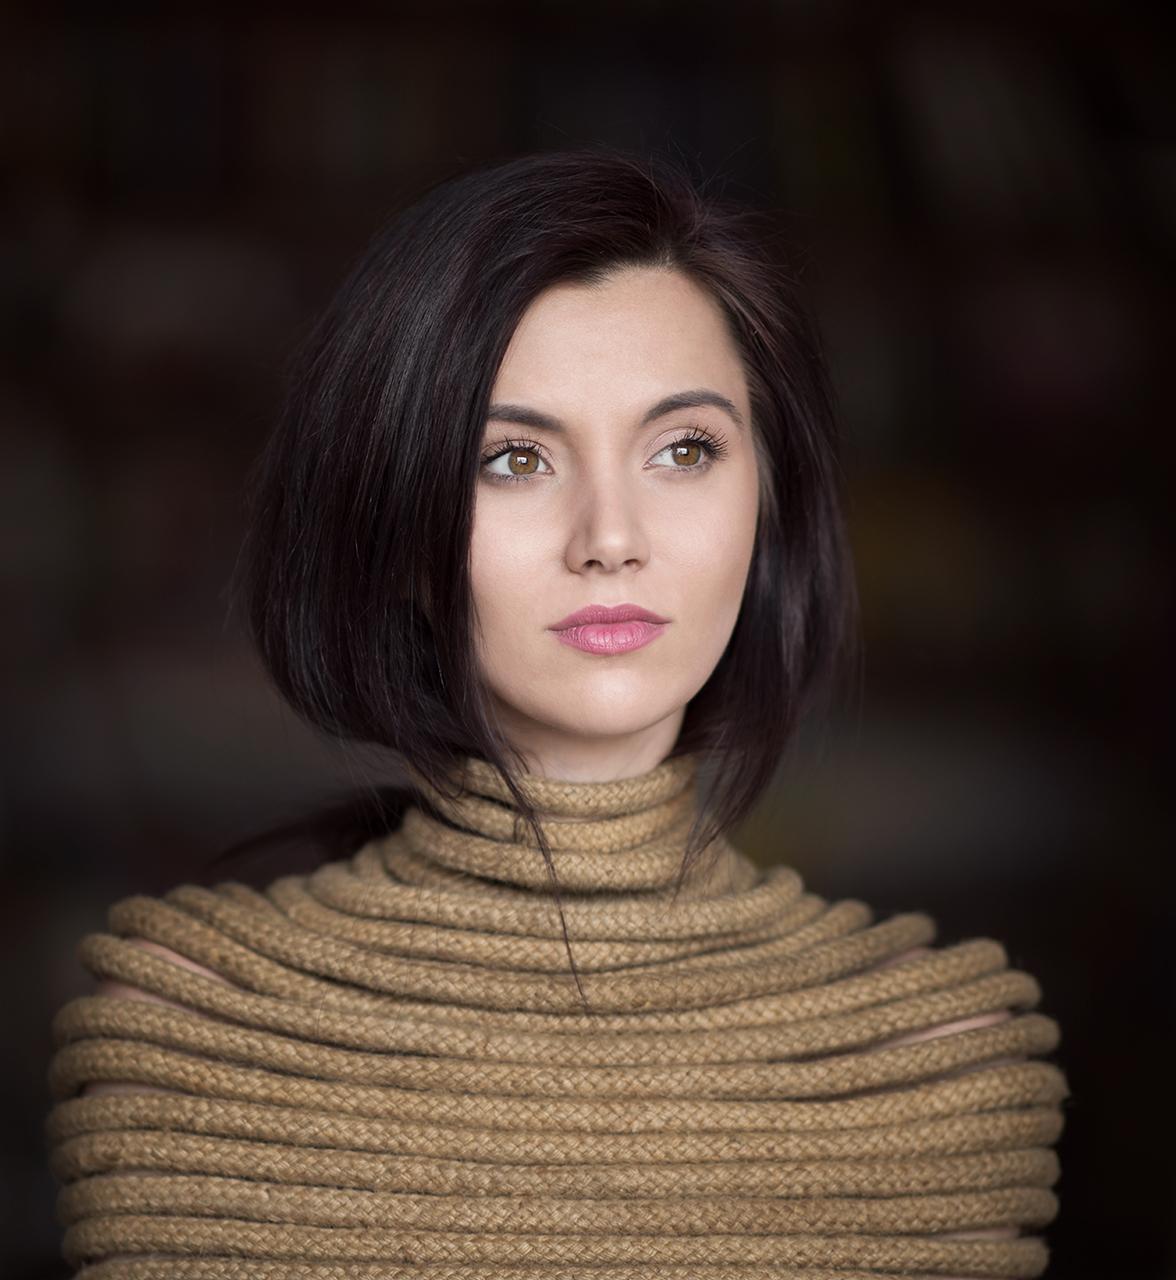 Photo in Portrait | Author Mladen Parvanov - demiman | PHOTO FORUM